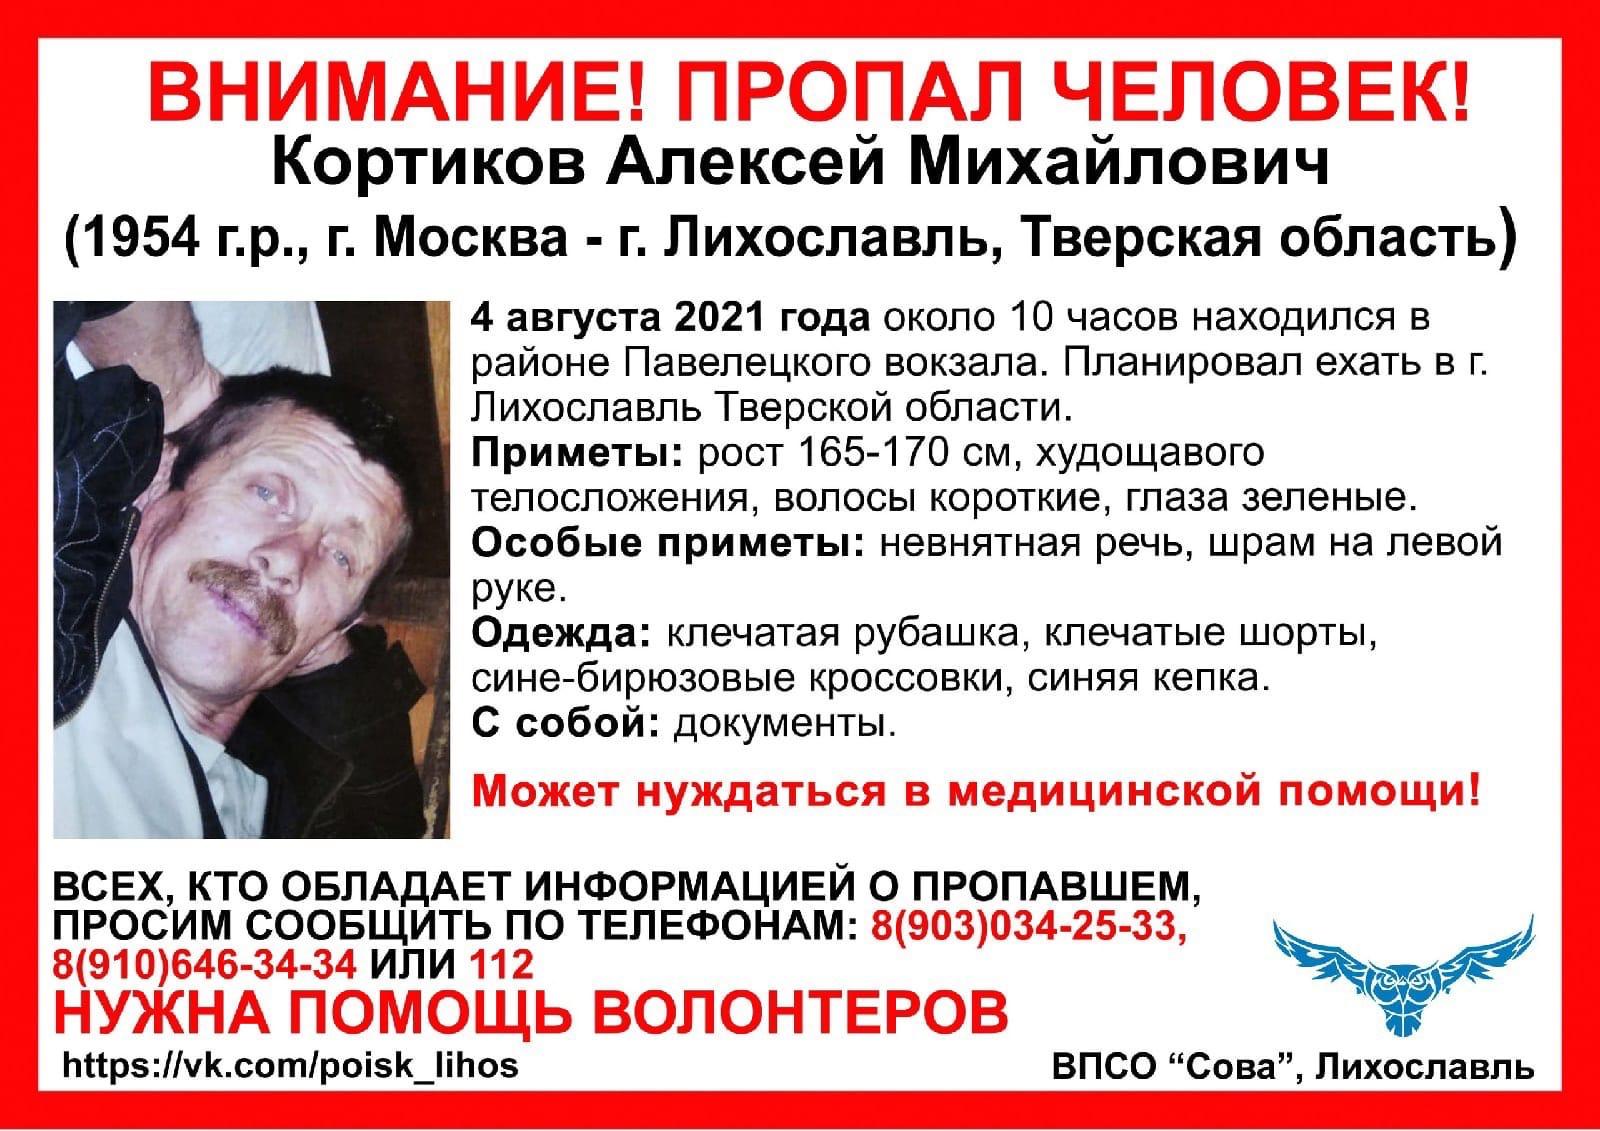 В Тверской области ищут невнятно разговаривающего мужчину со шрамом